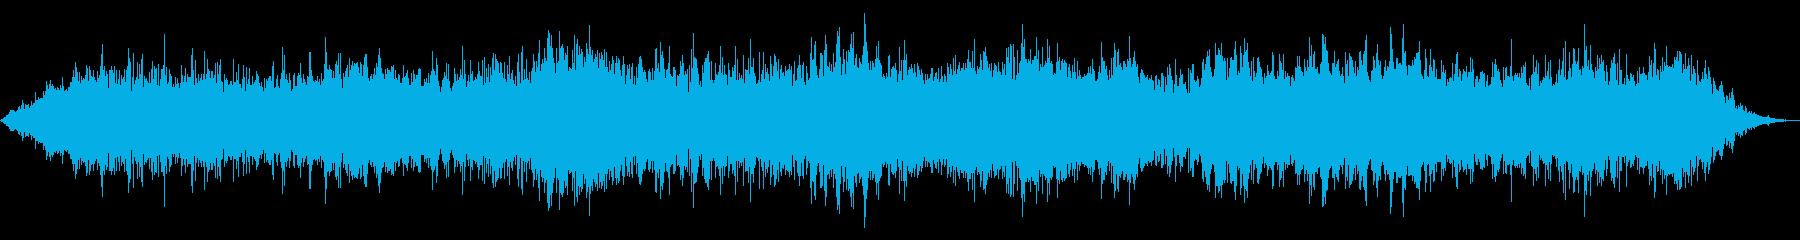 ねじれたリンギングと上昇/下降モー...の再生済みの波形